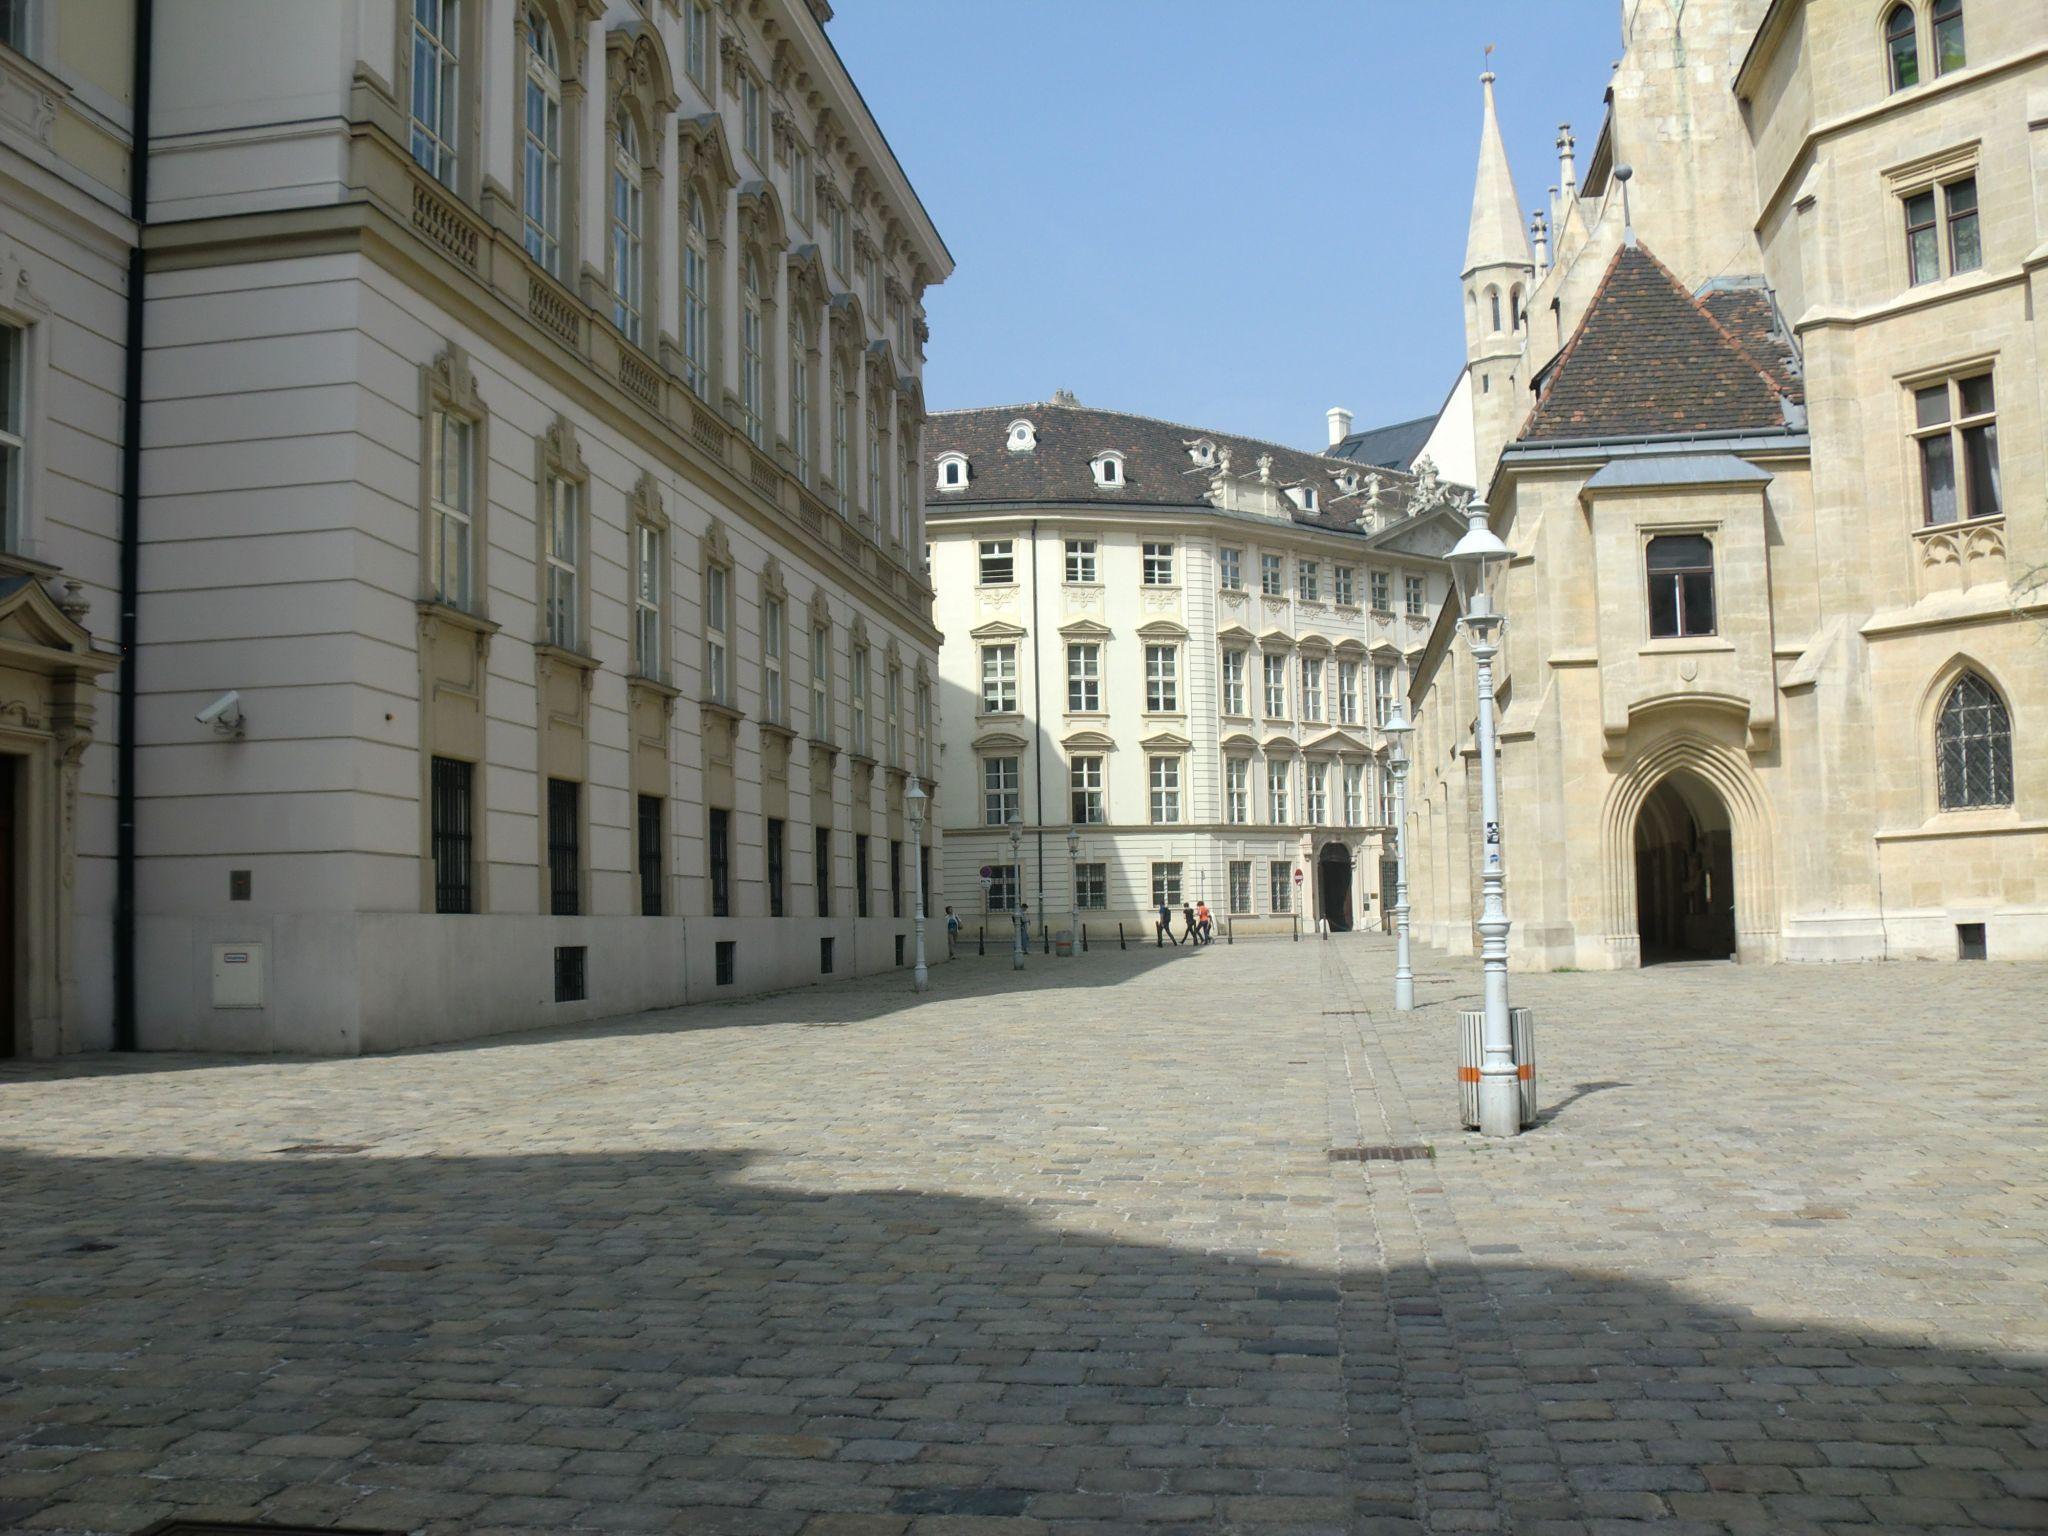 Vienna architecture 3 1440x1080 - Vienna: elegant beauty